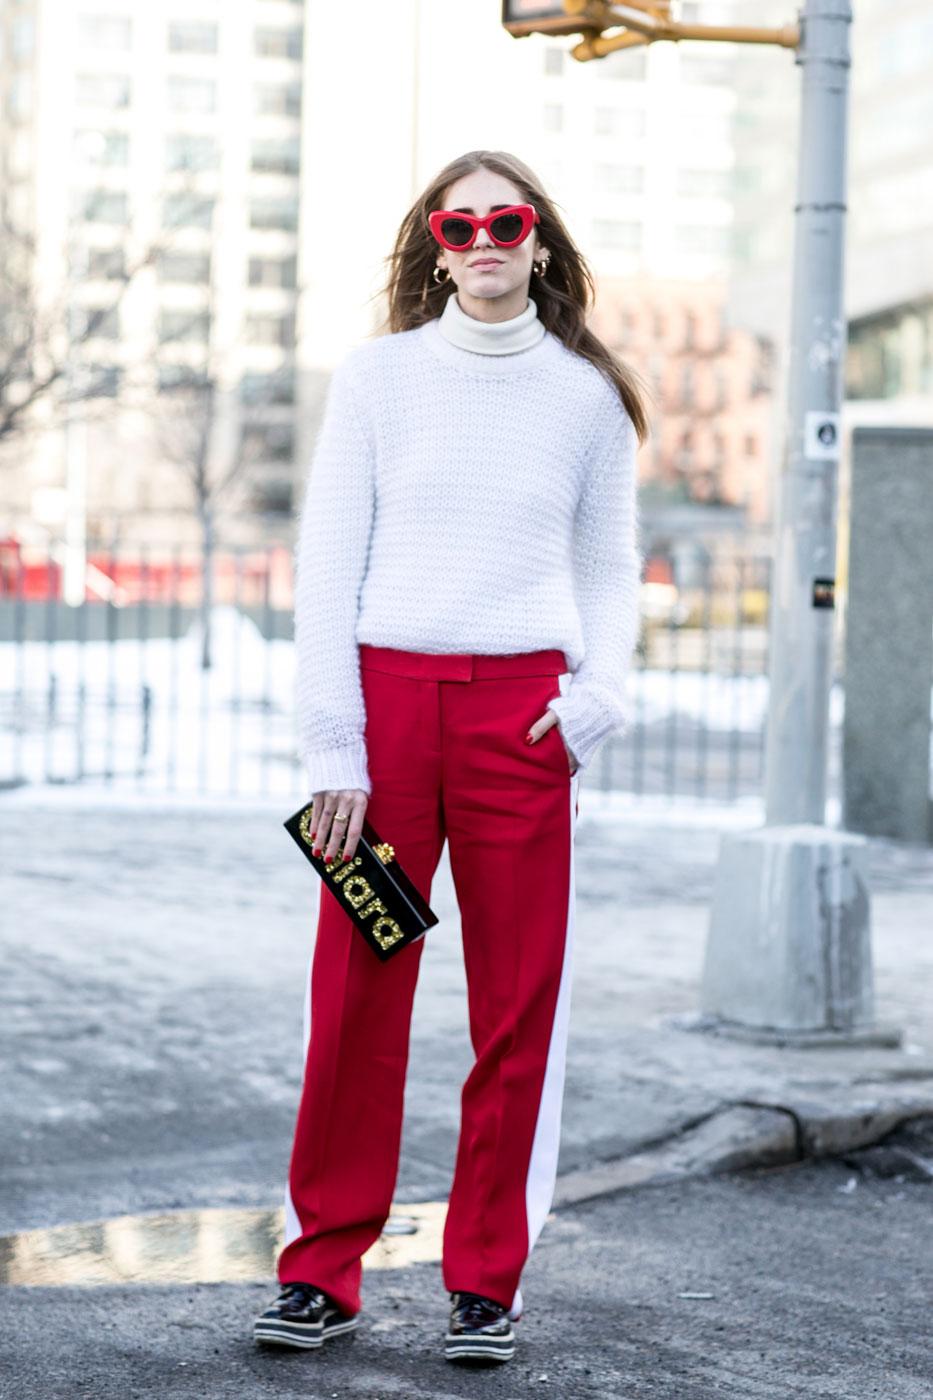 Кофта, заправленная в красные брюки, и все это в сочетании с кедами